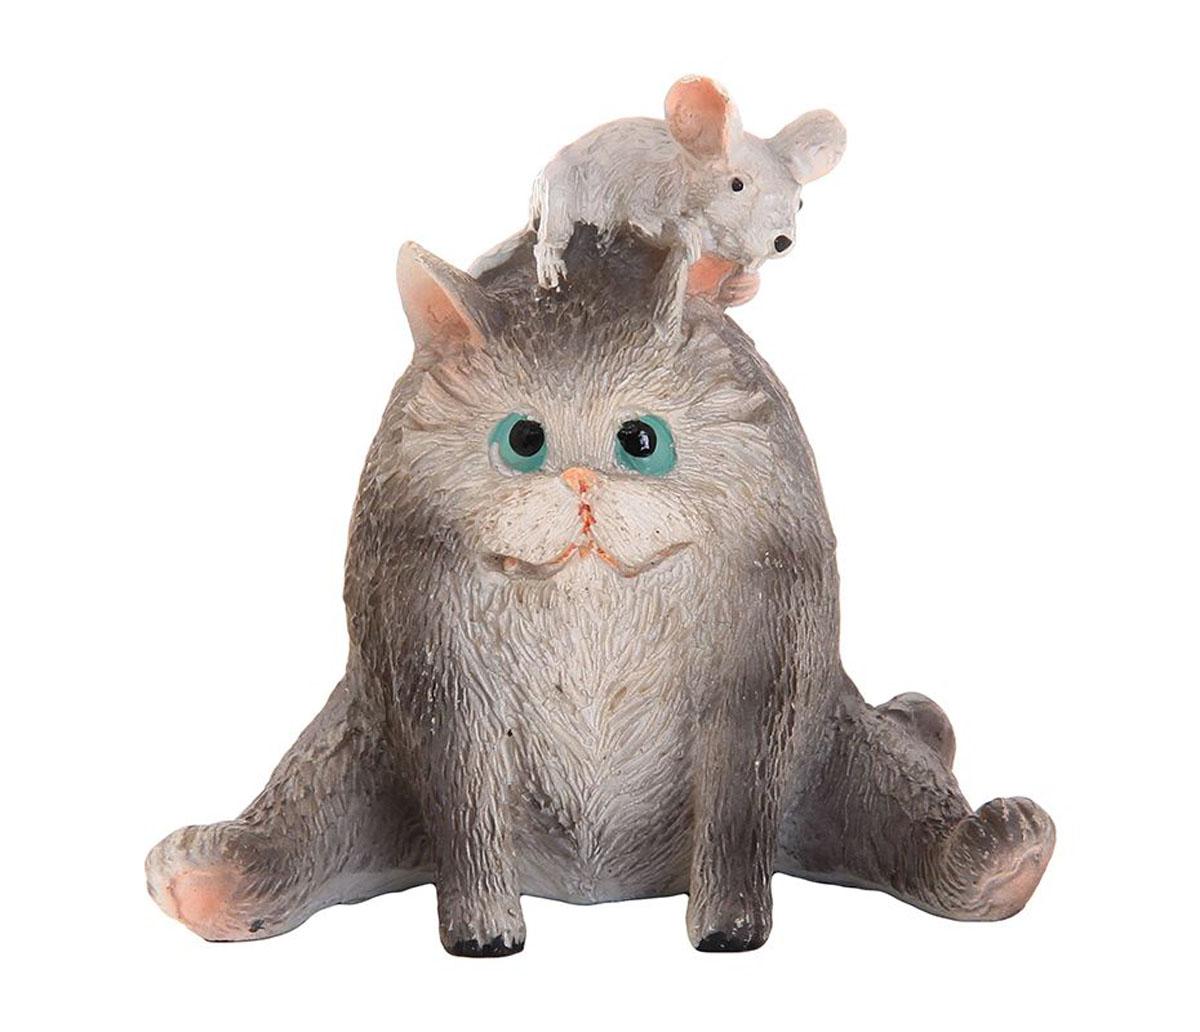 Фигурка декоративная Elan Gallery Котик с мышкой, высота 6,5 см700012Декоративные фигурки с изображением забавных животных, станут прекрасным сувениром, которые вызовет улыбку и поднимет настроение. Фигурки выполнены из полистоуна.